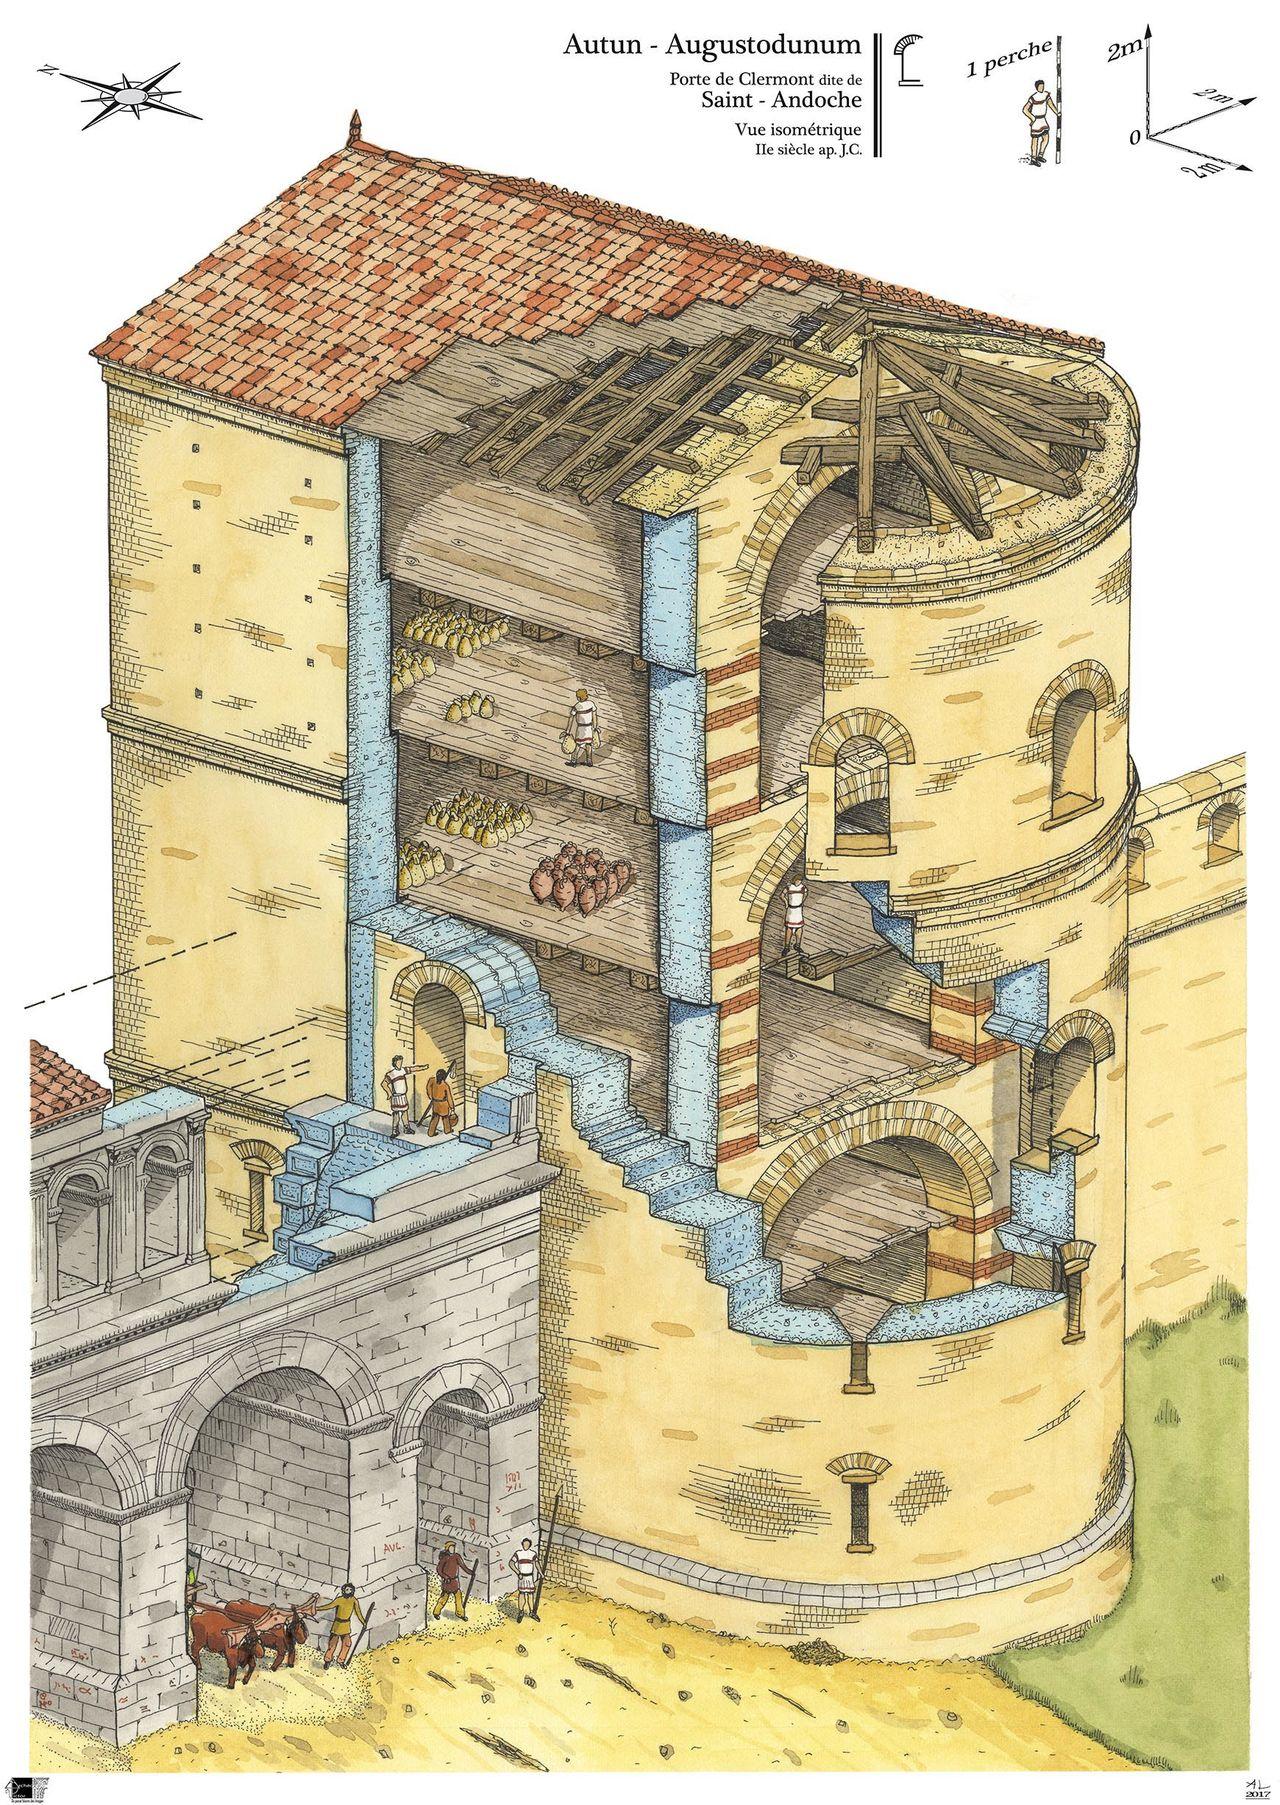 La tour sud de la porte Saint-Andoche à Autun